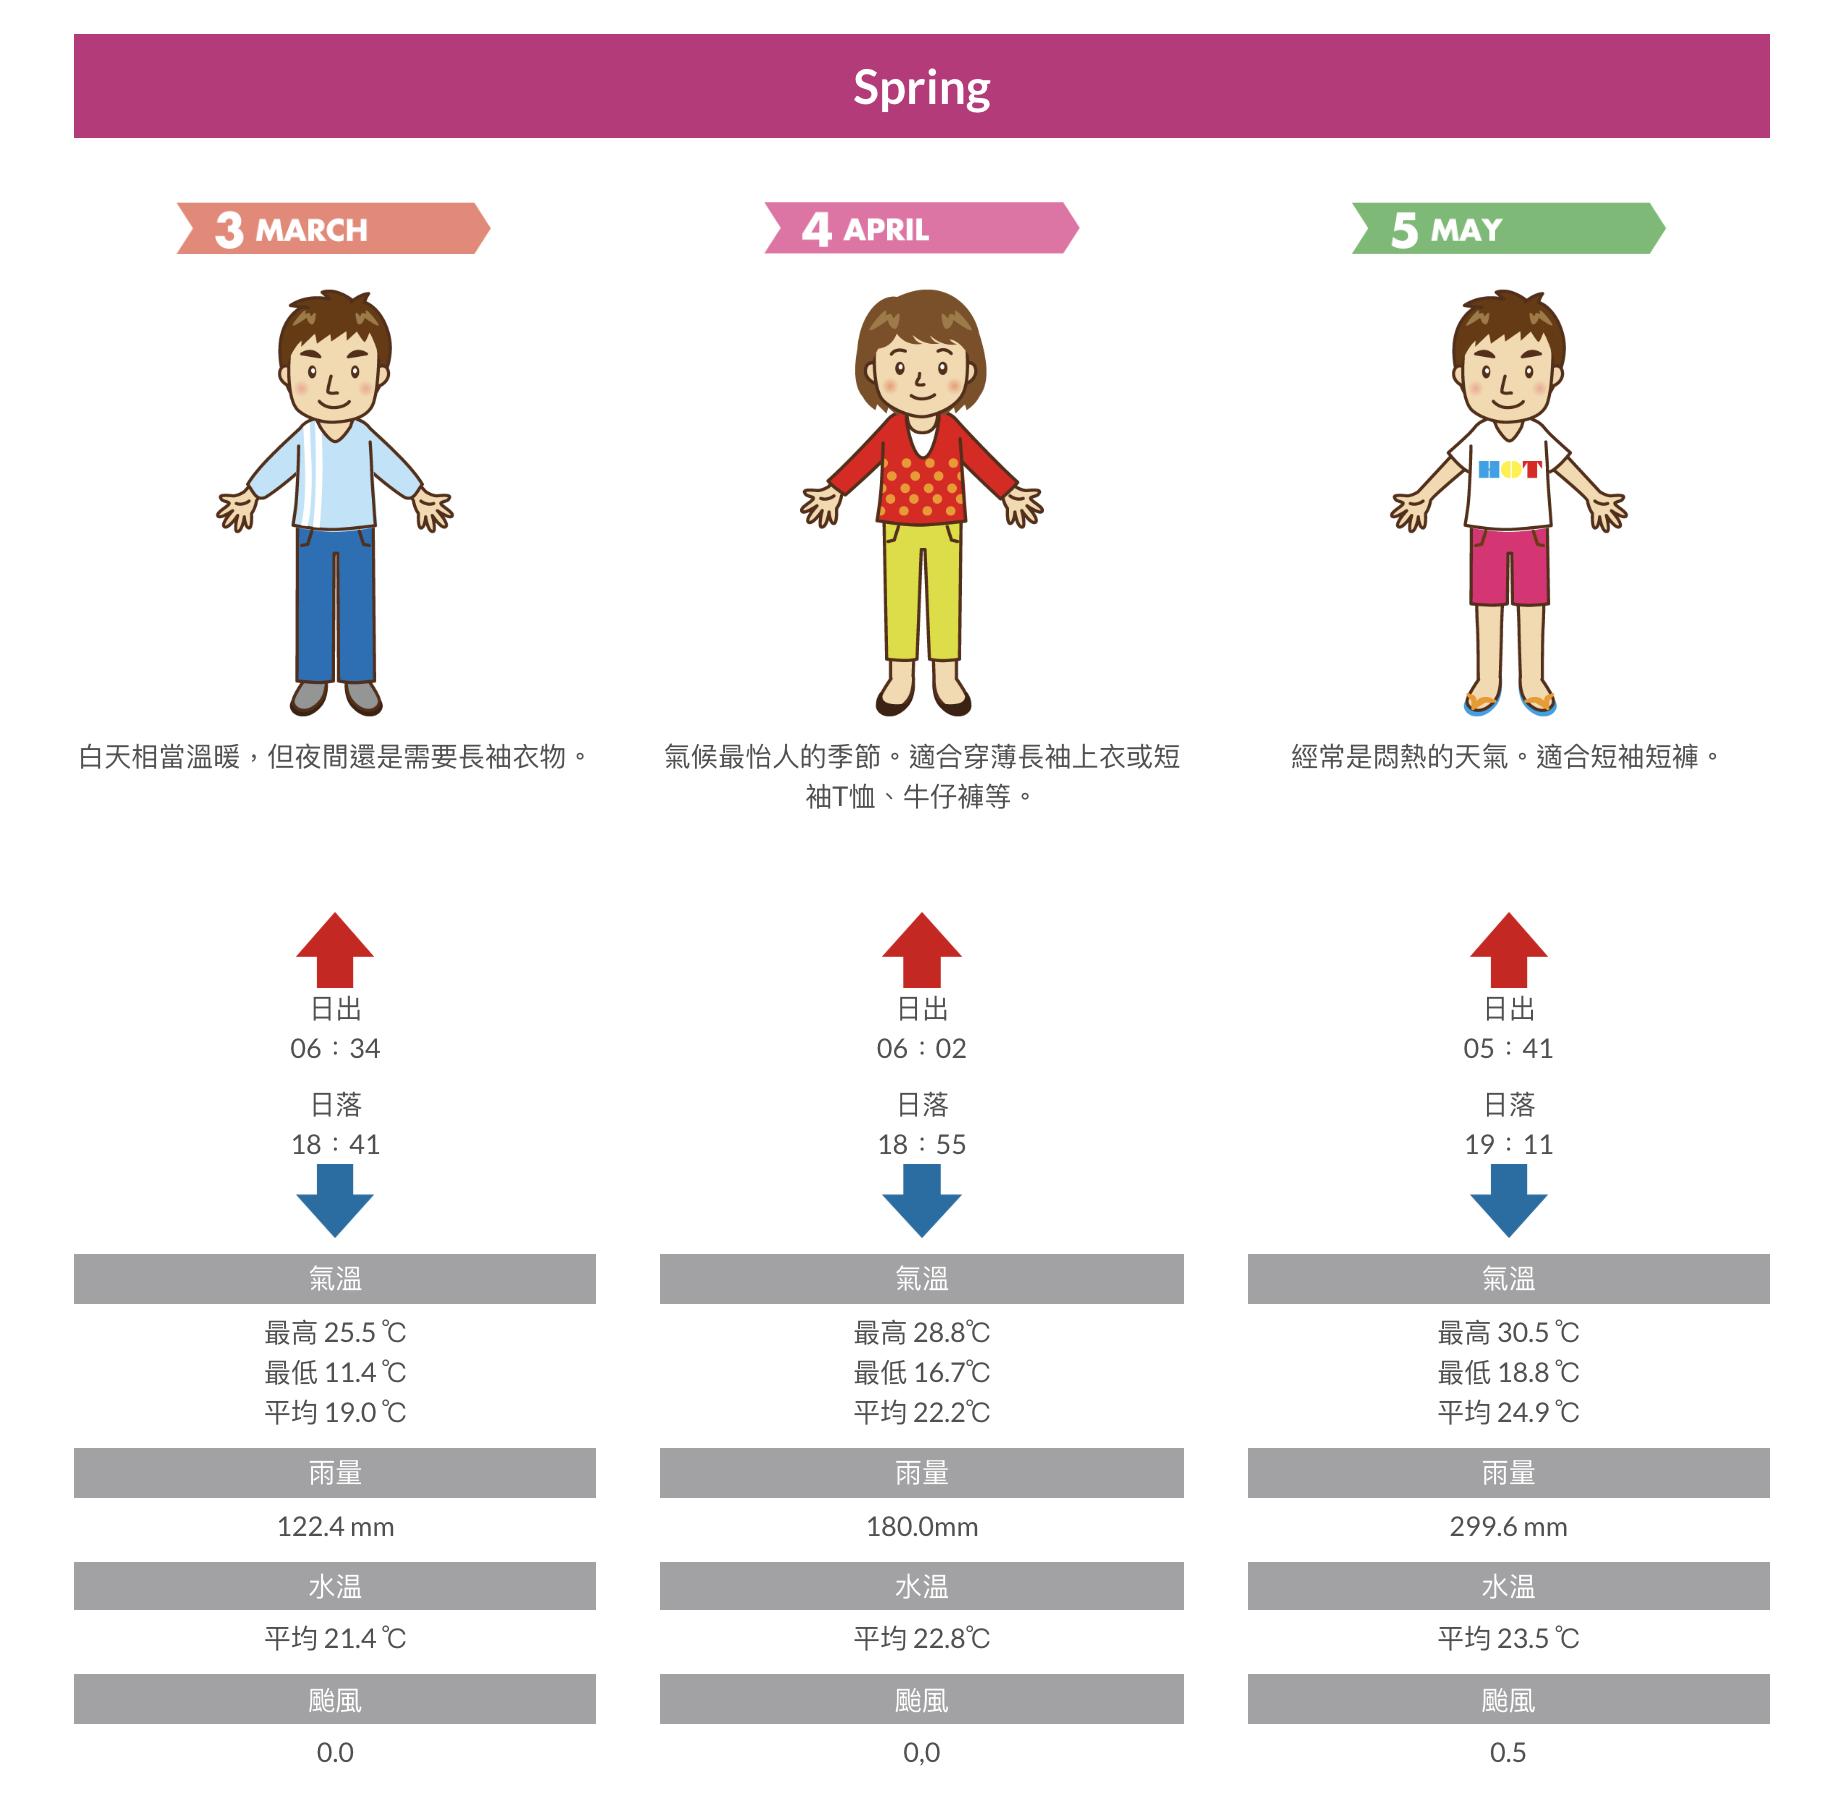 沖繩行前準備-春季氣溫及穿衣指南